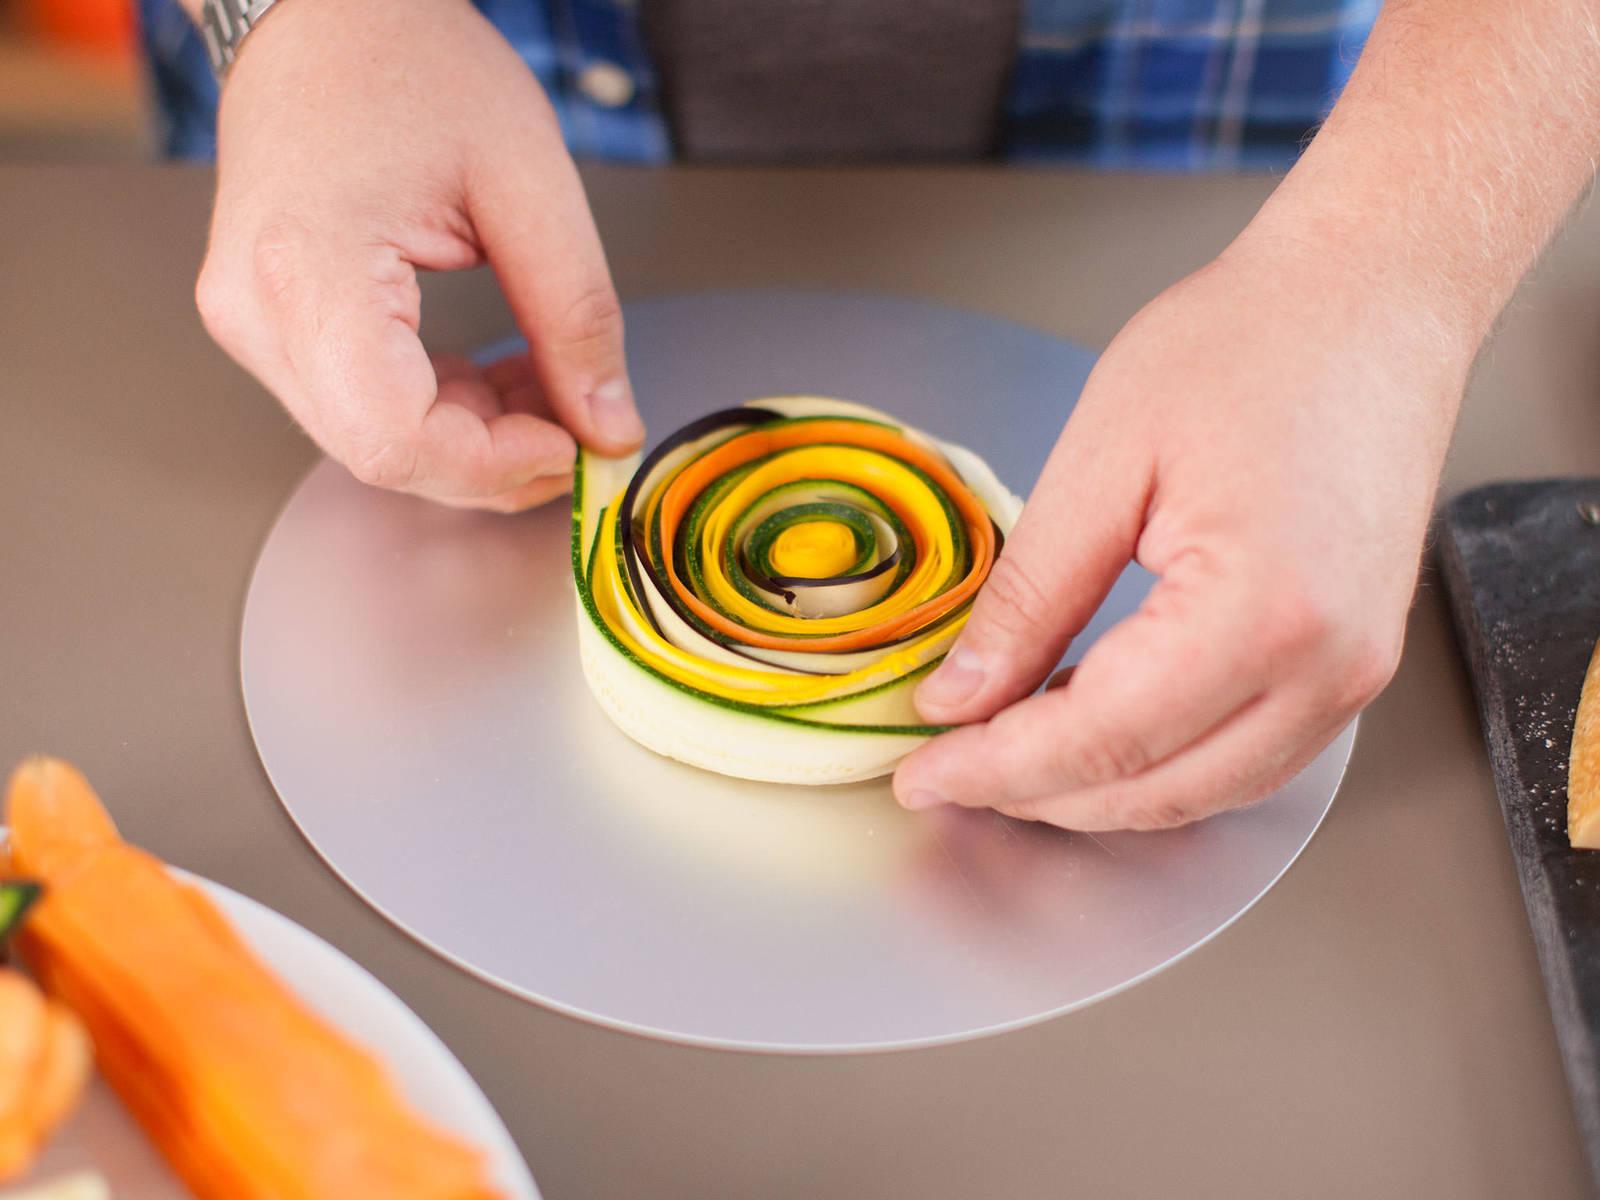 同时,以螺旋方式排列各种蔬菜薄片,使颜色相互交替。继续放入蔬菜,直至螺旋形状与馅饼盘大小一致。